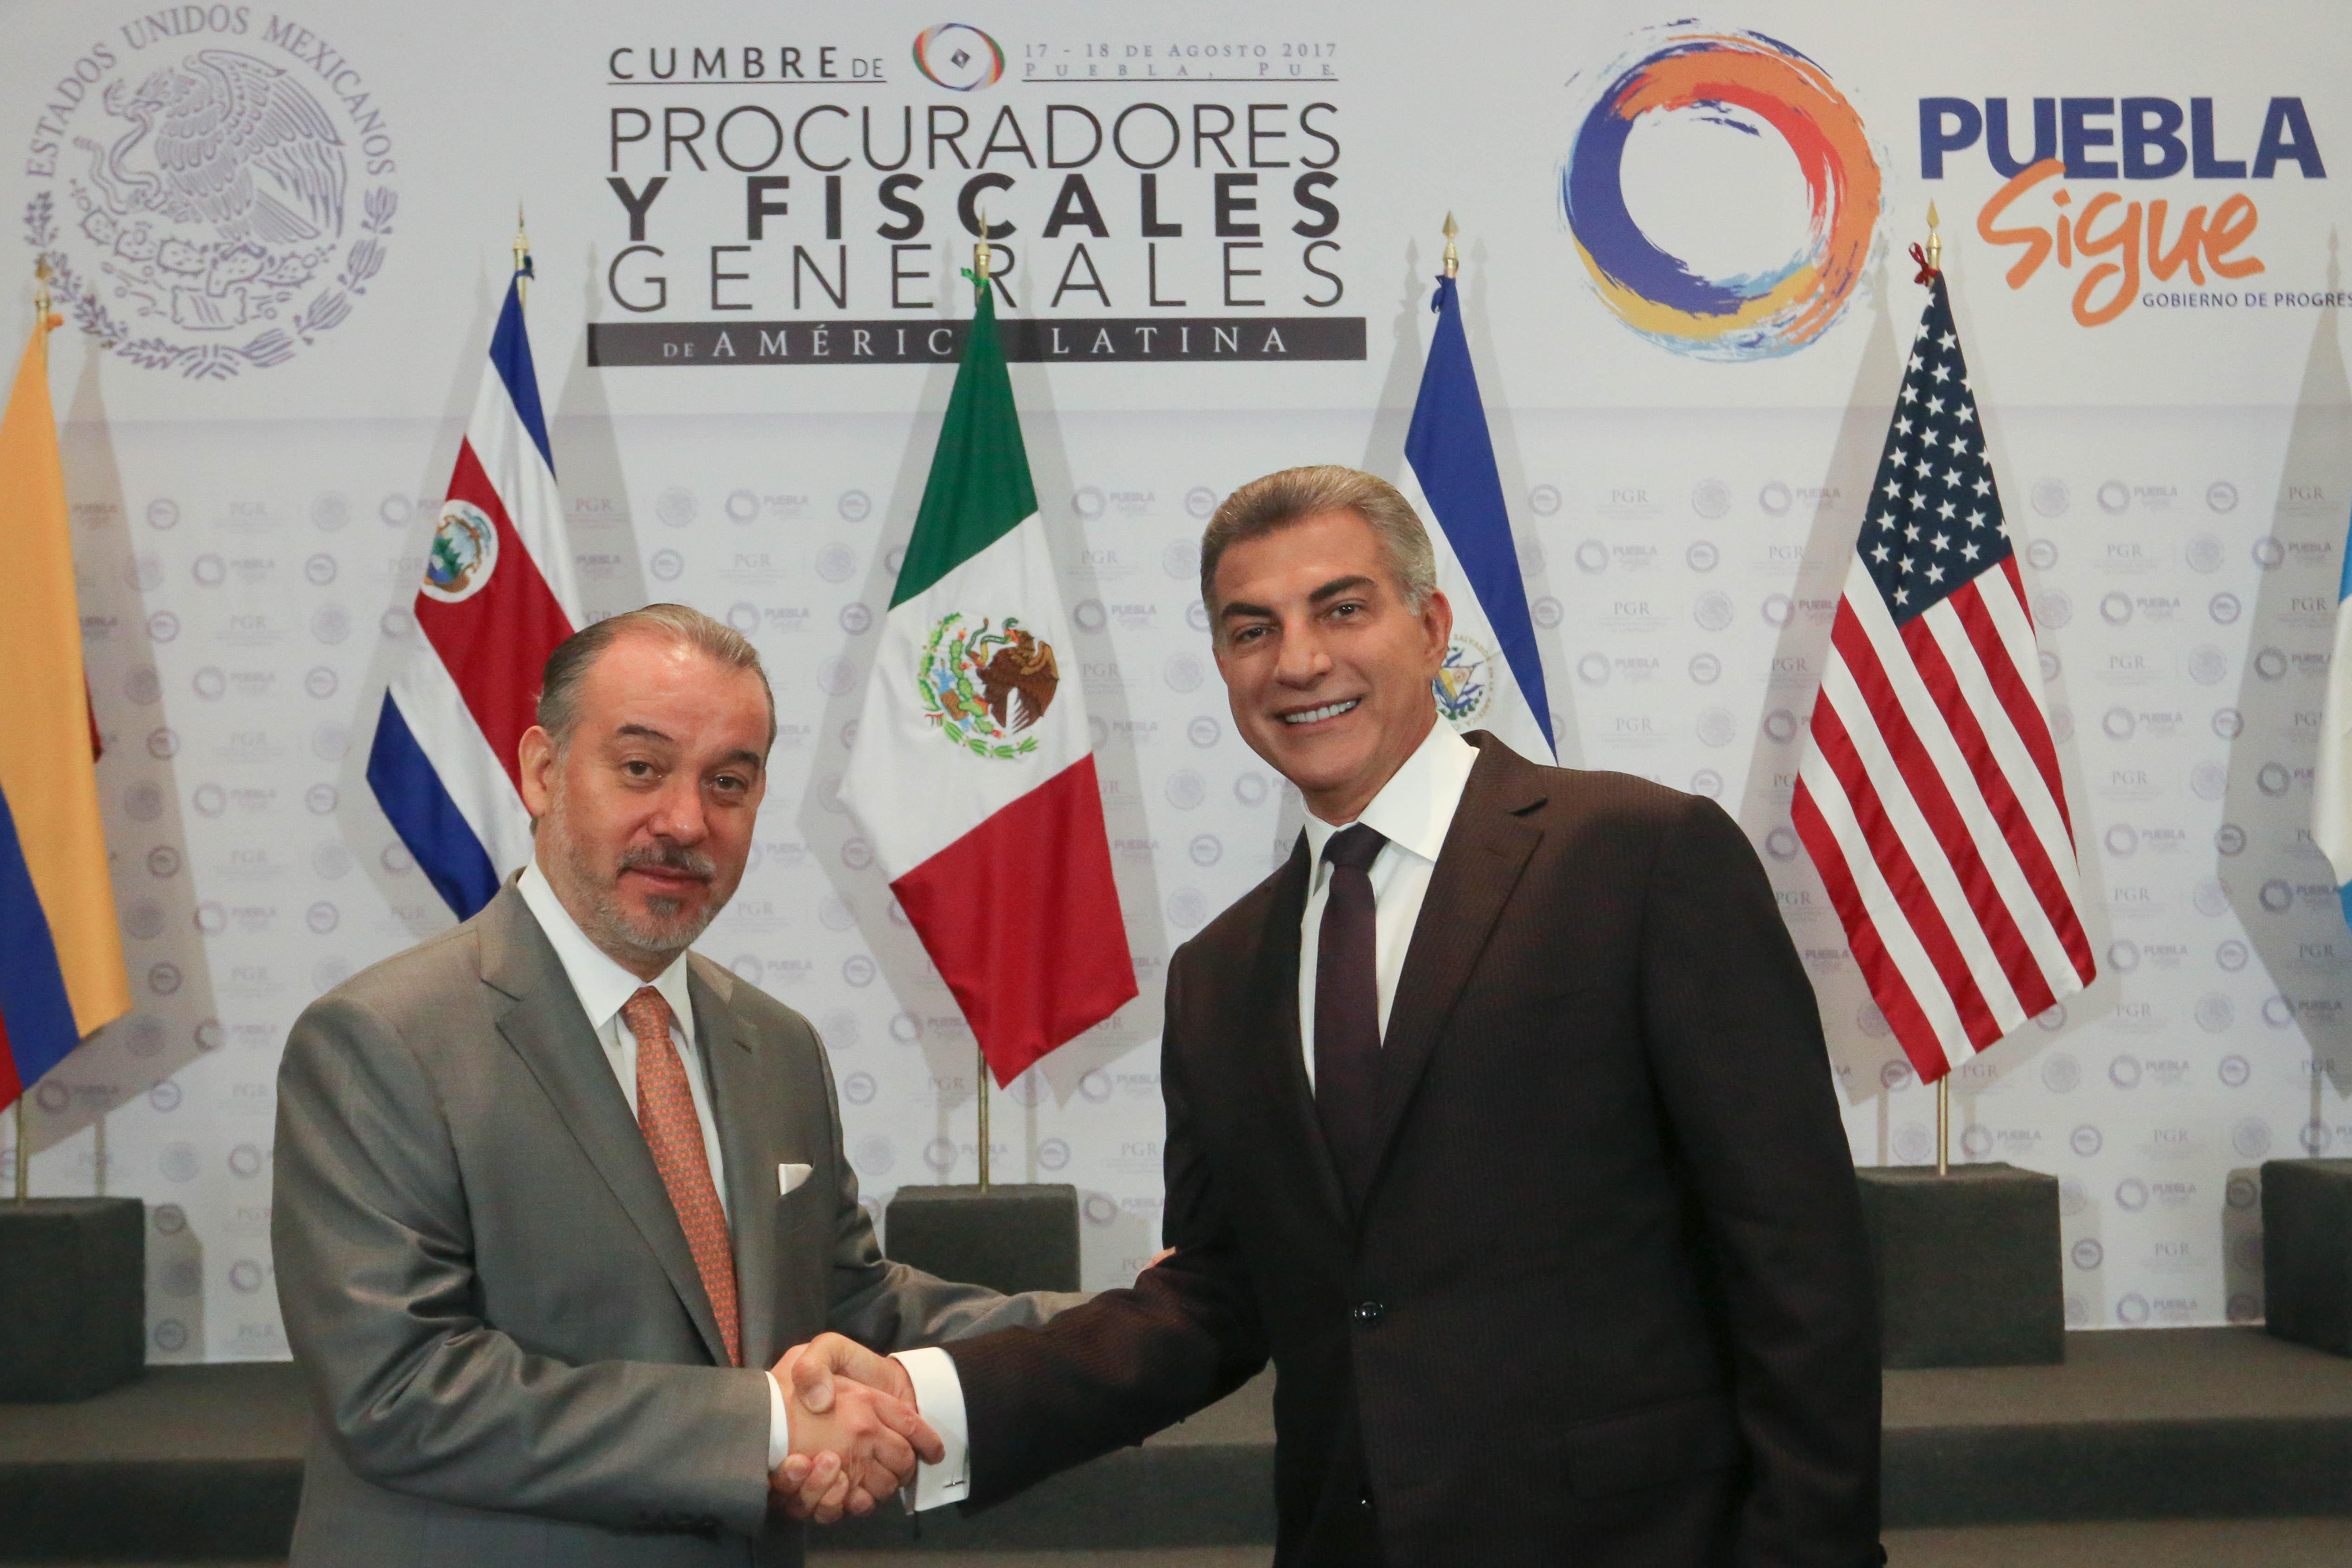 Raúl Cervantes y Antonio Gali encabezan cumbre de procuradores